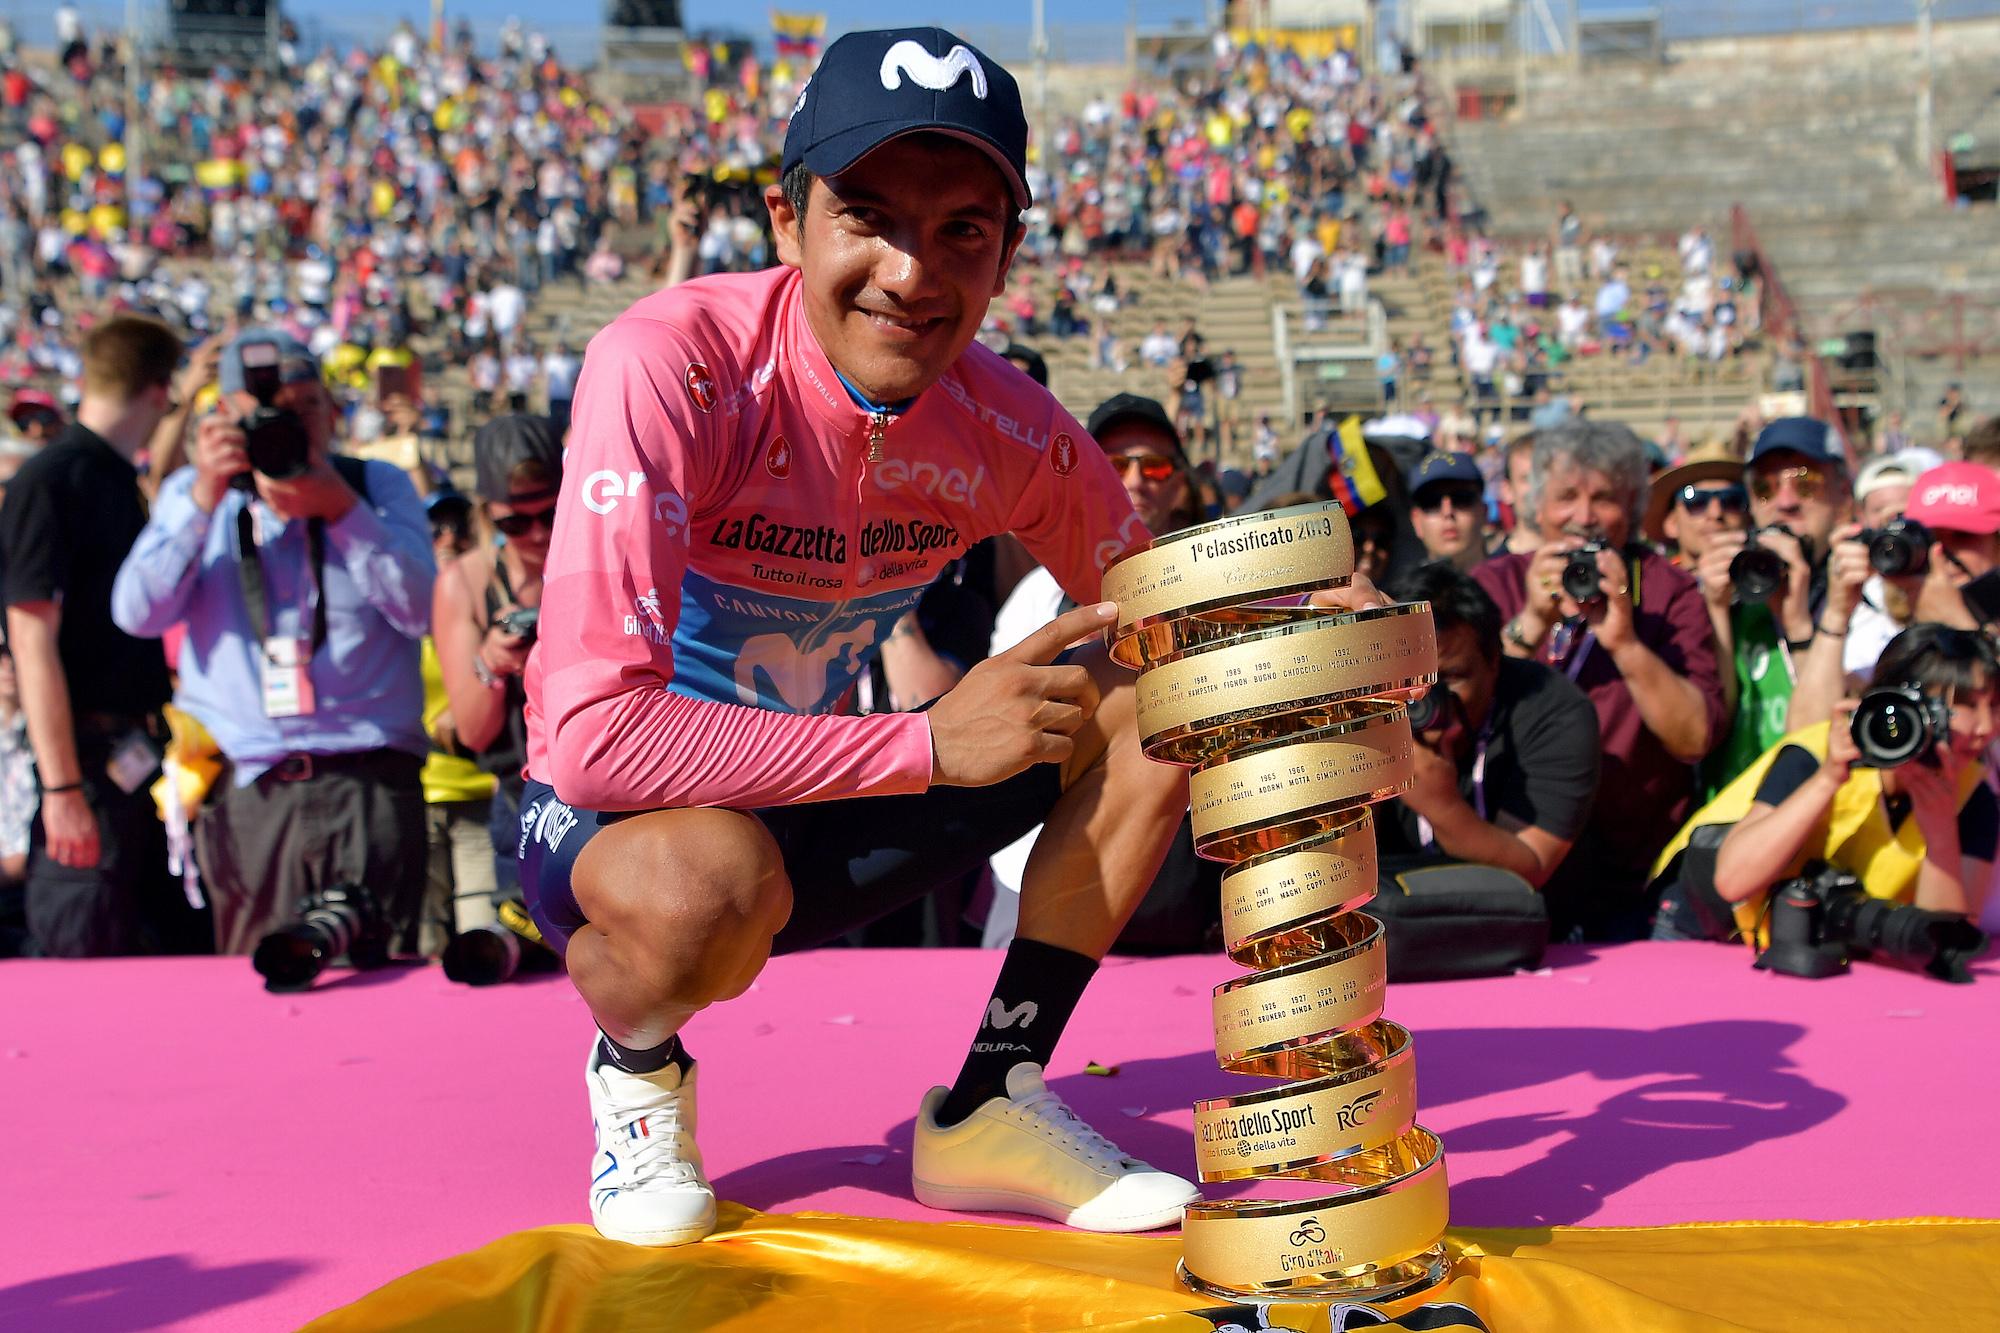 Camisetas del Giro d'Italia: rosa, morado, azul y blanco explicado